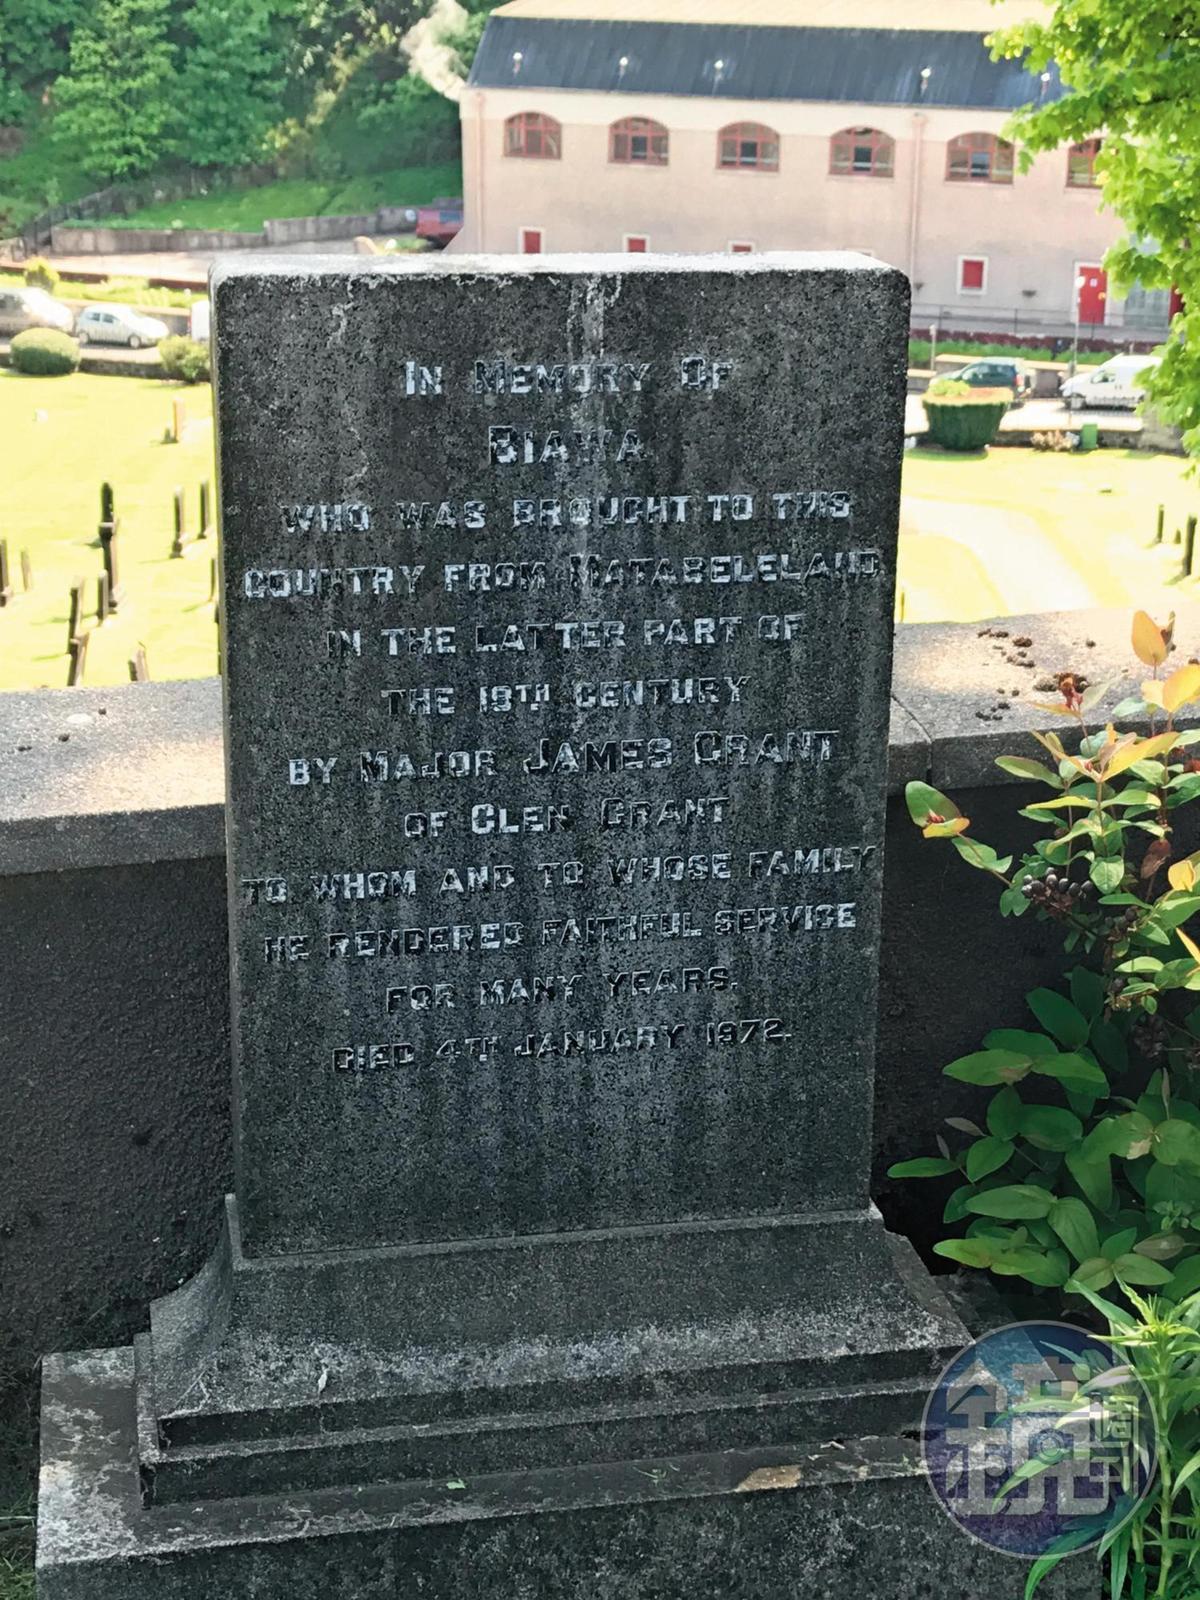 .18世紀詹姆士格蘭上校(格蘭冠酒廠創辦人)從非洲領養回來的小孩Biawa Makalaga,長大後成為當時唯一在蘇格蘭足球隊踢球的黑人,並成為該鎮名人,也葬於此。